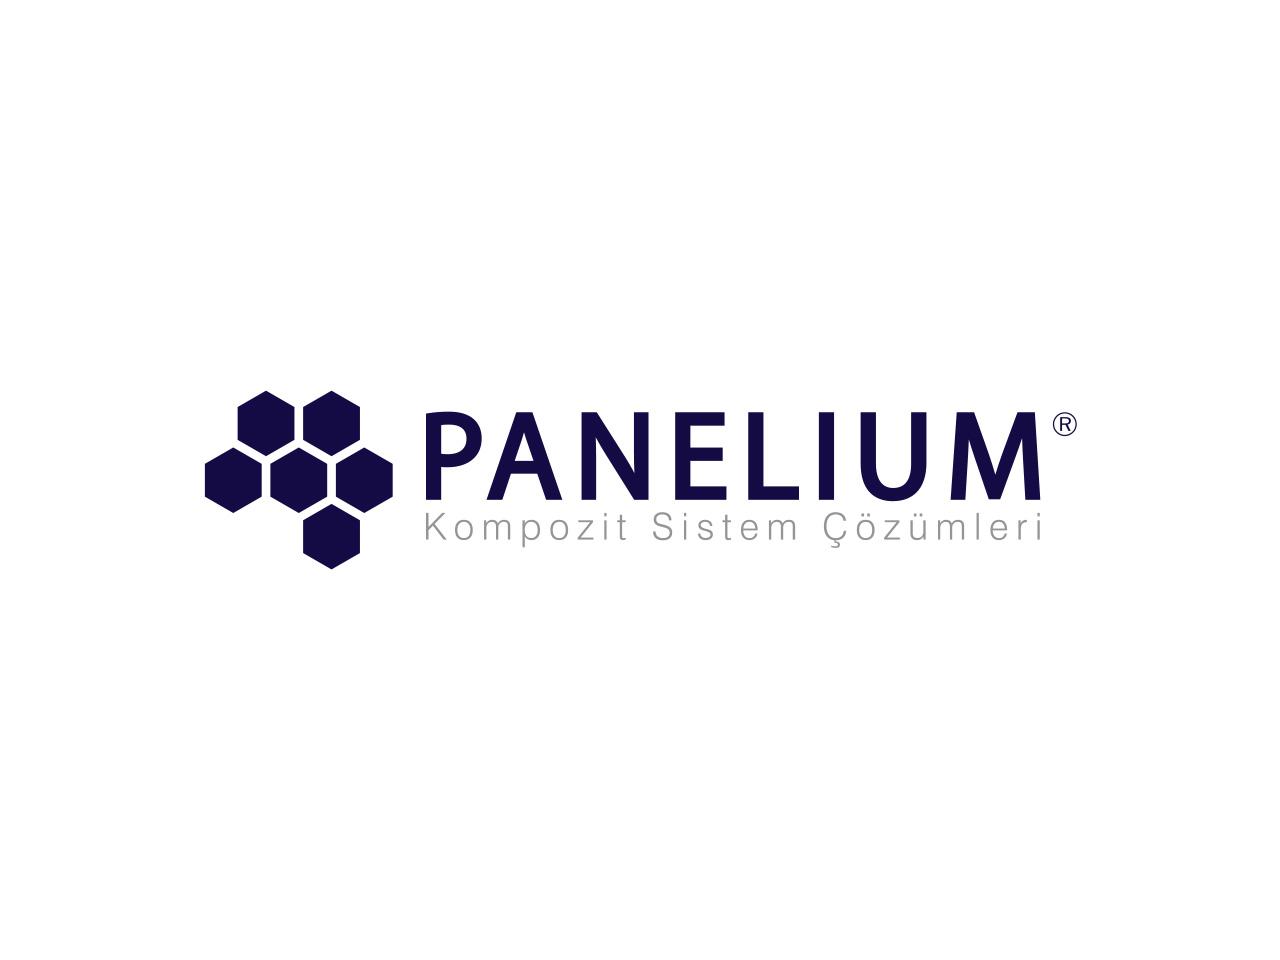 panelium-logo-tasarim-1